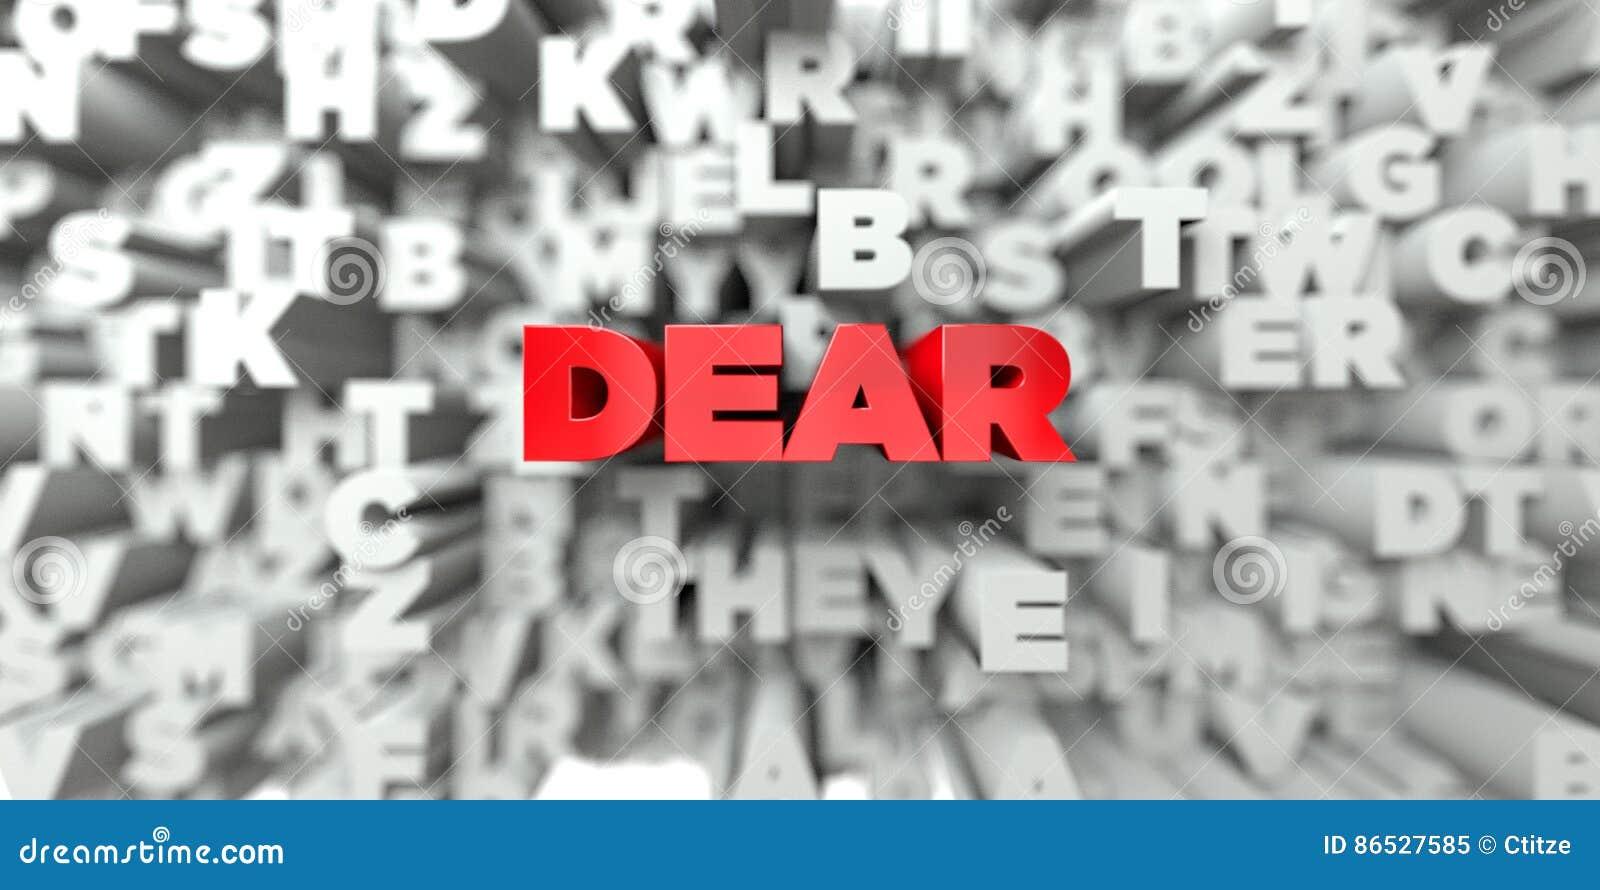 LIEB - Roter Text auf Typografiehintergrund - 3D übertrug freies Archivbild der Abgabe